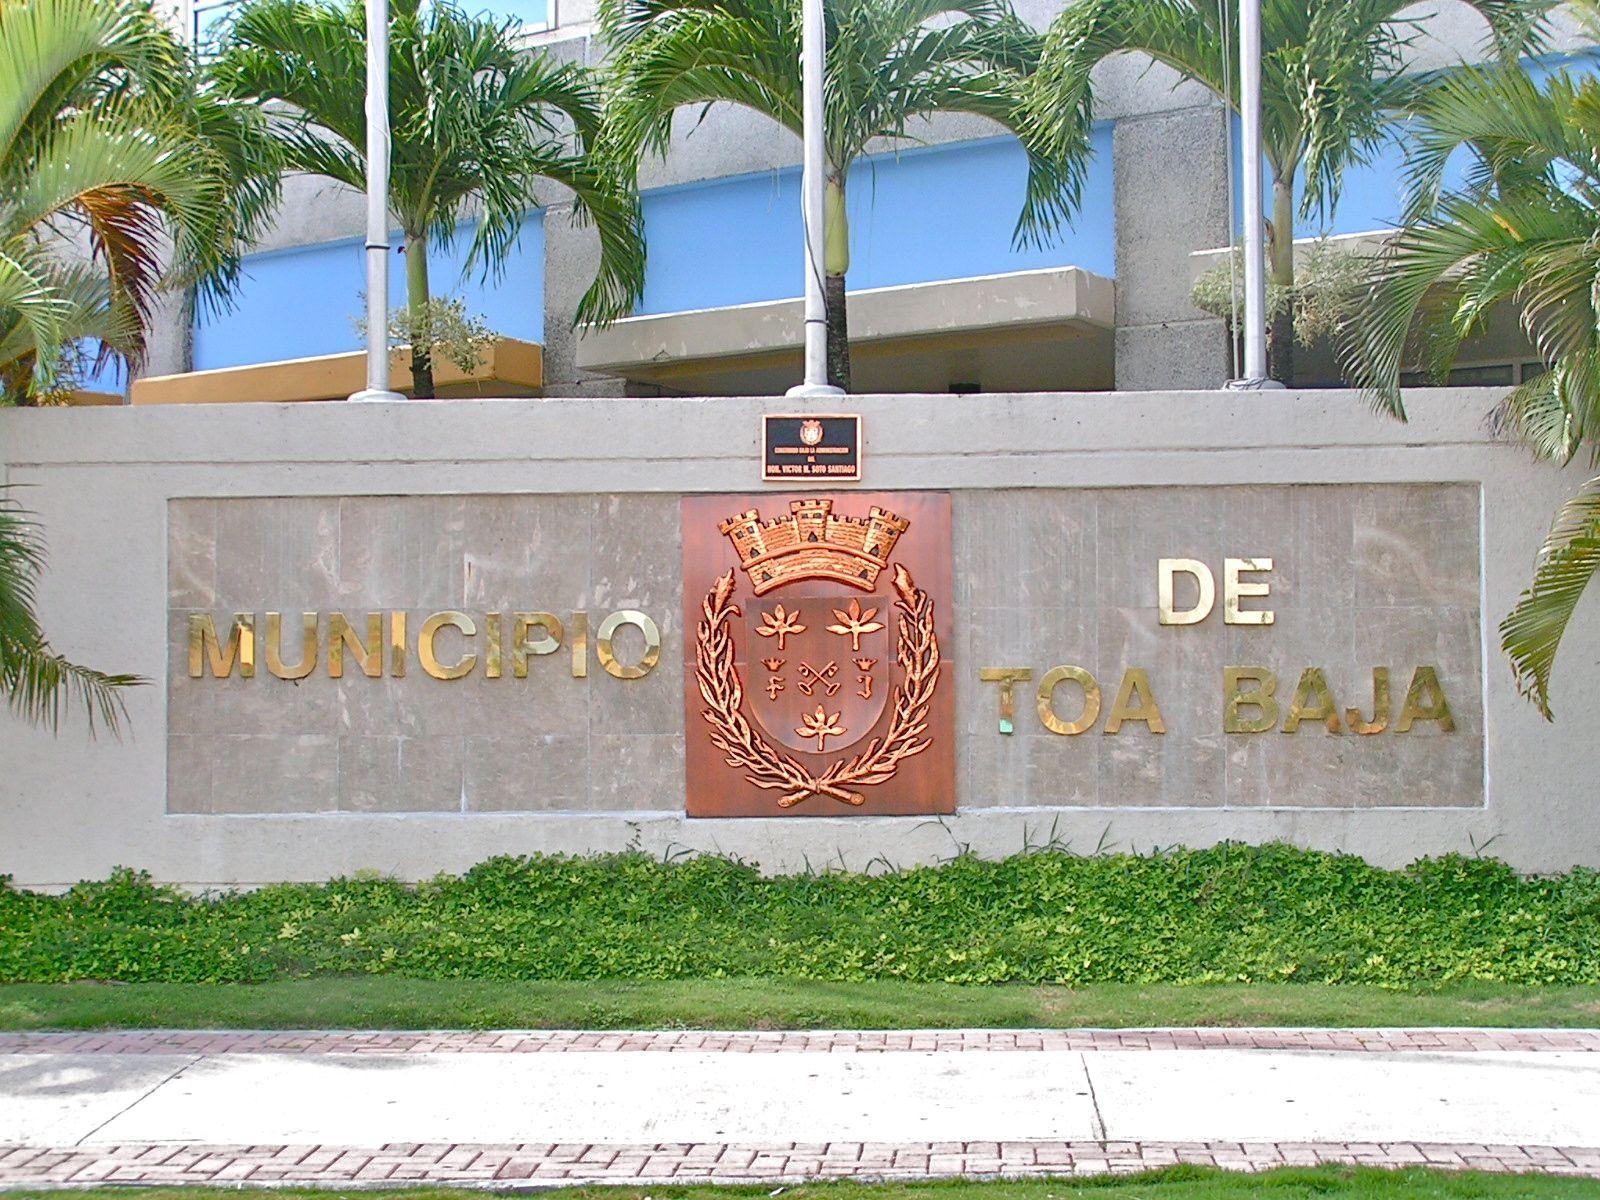 Municipal Complex Toa Baja Pr